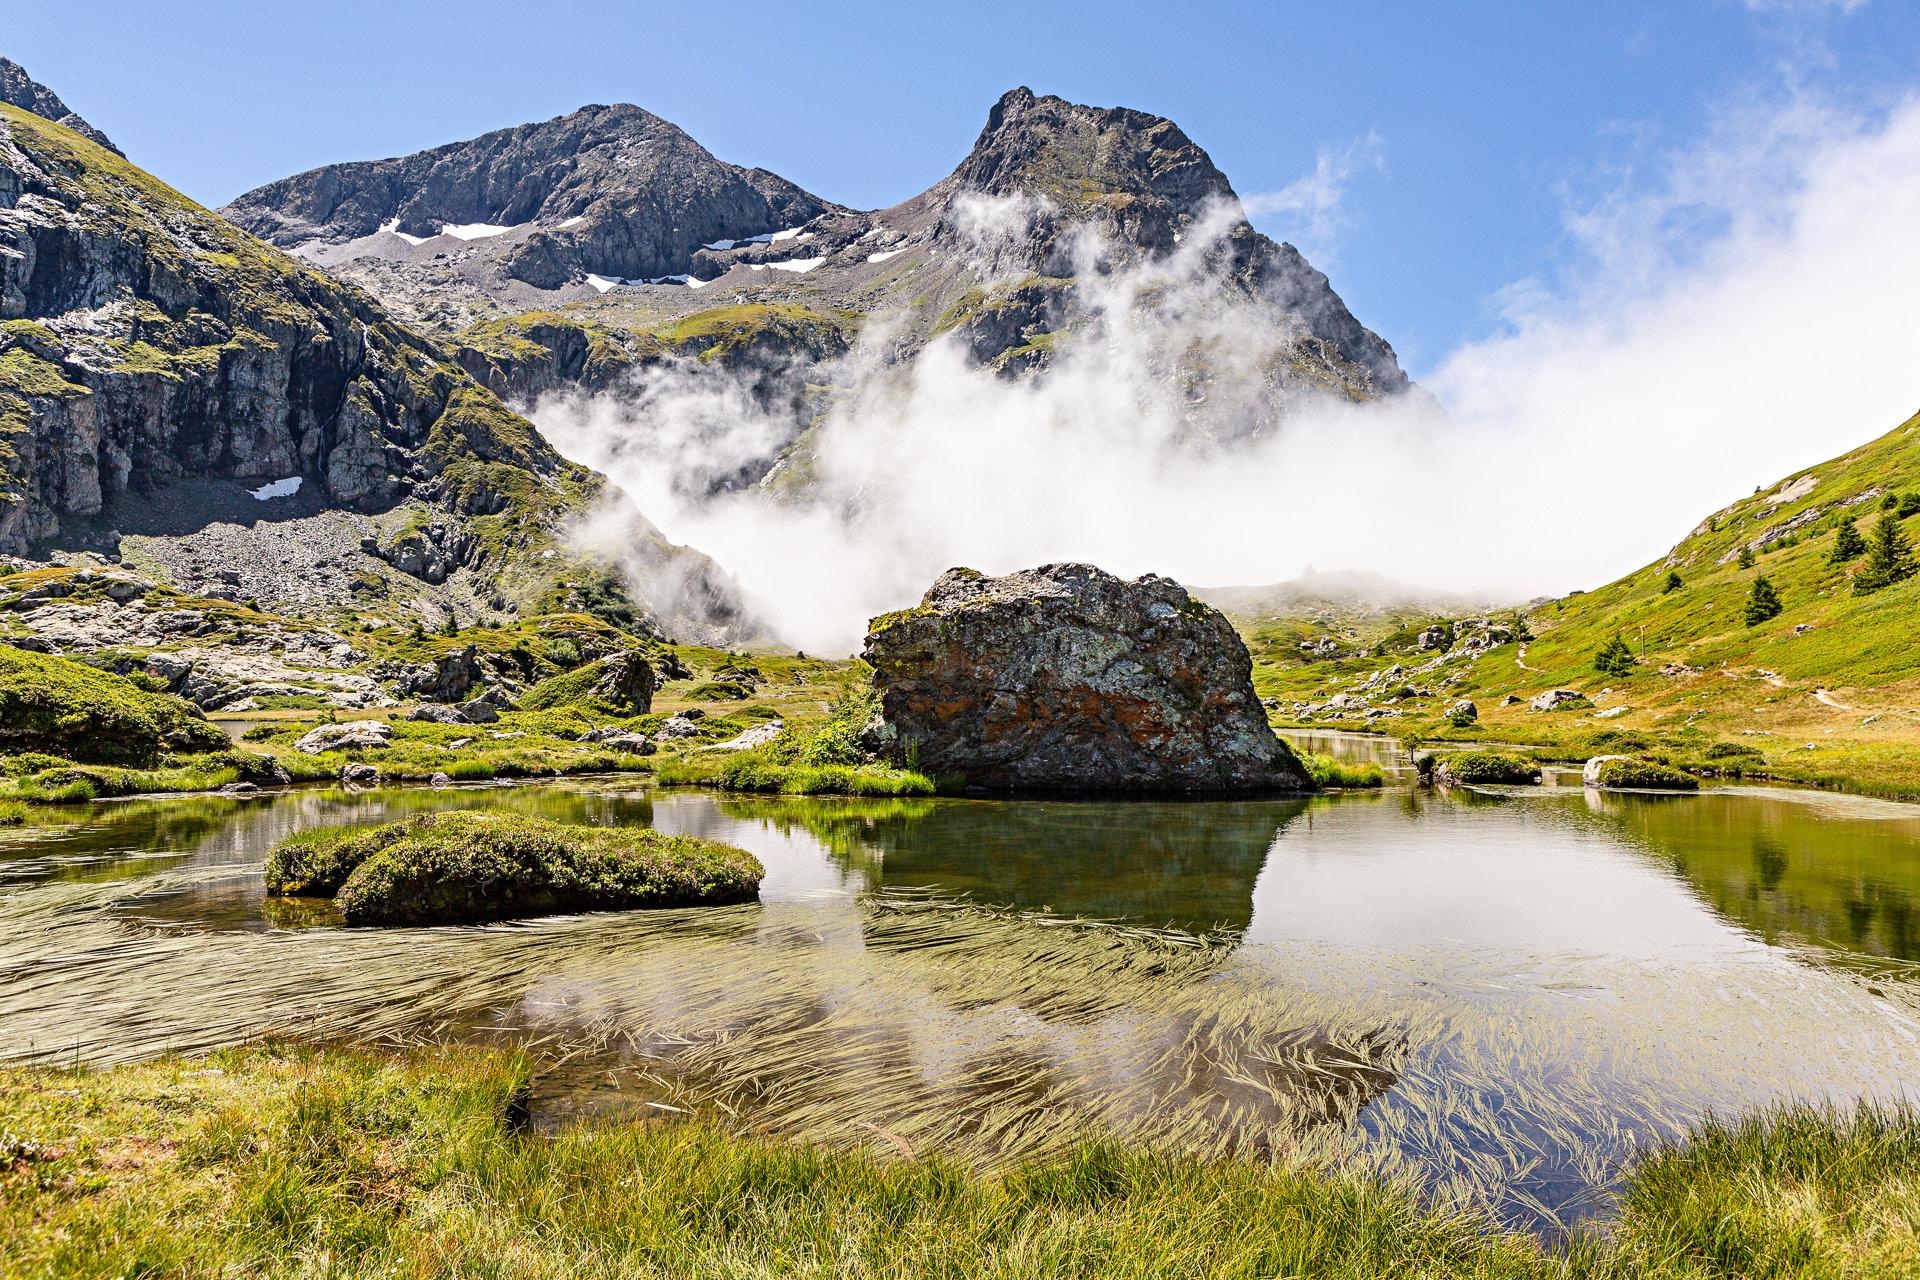 Randonnée au lac Noir plateau des lacs